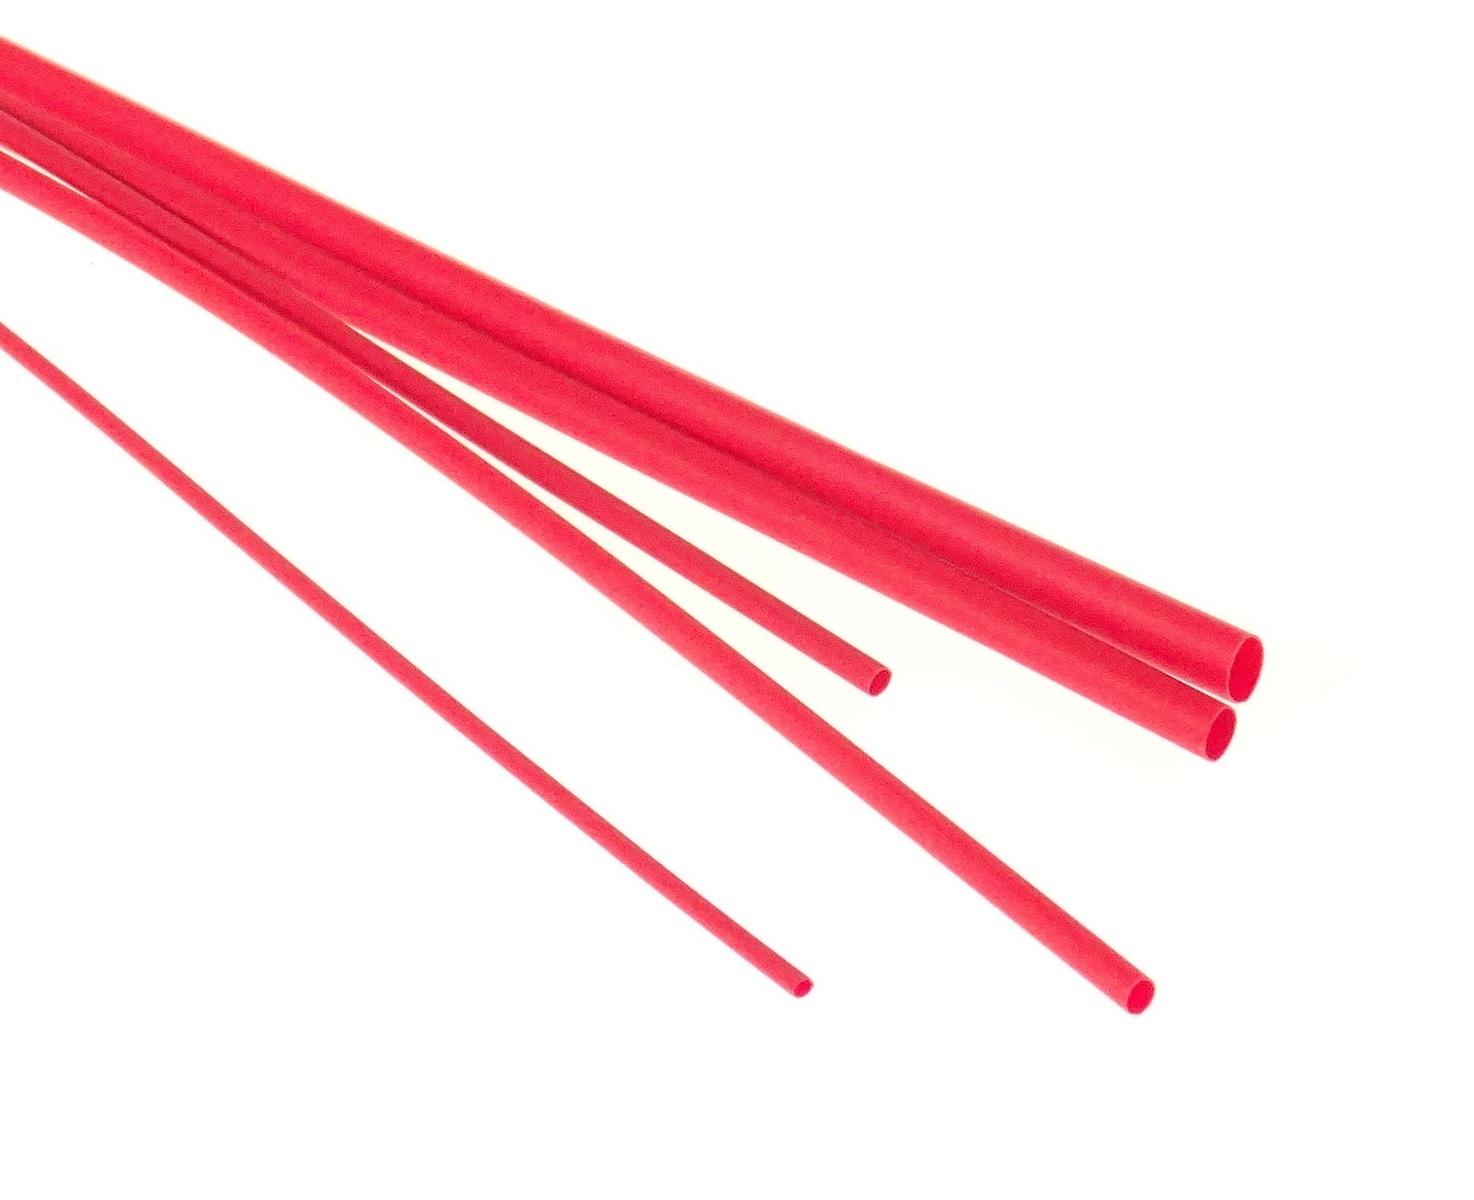 Bužírka - hadička smršťovací 4,8/2,4 mm, délka 1 m, polyetylen - červená